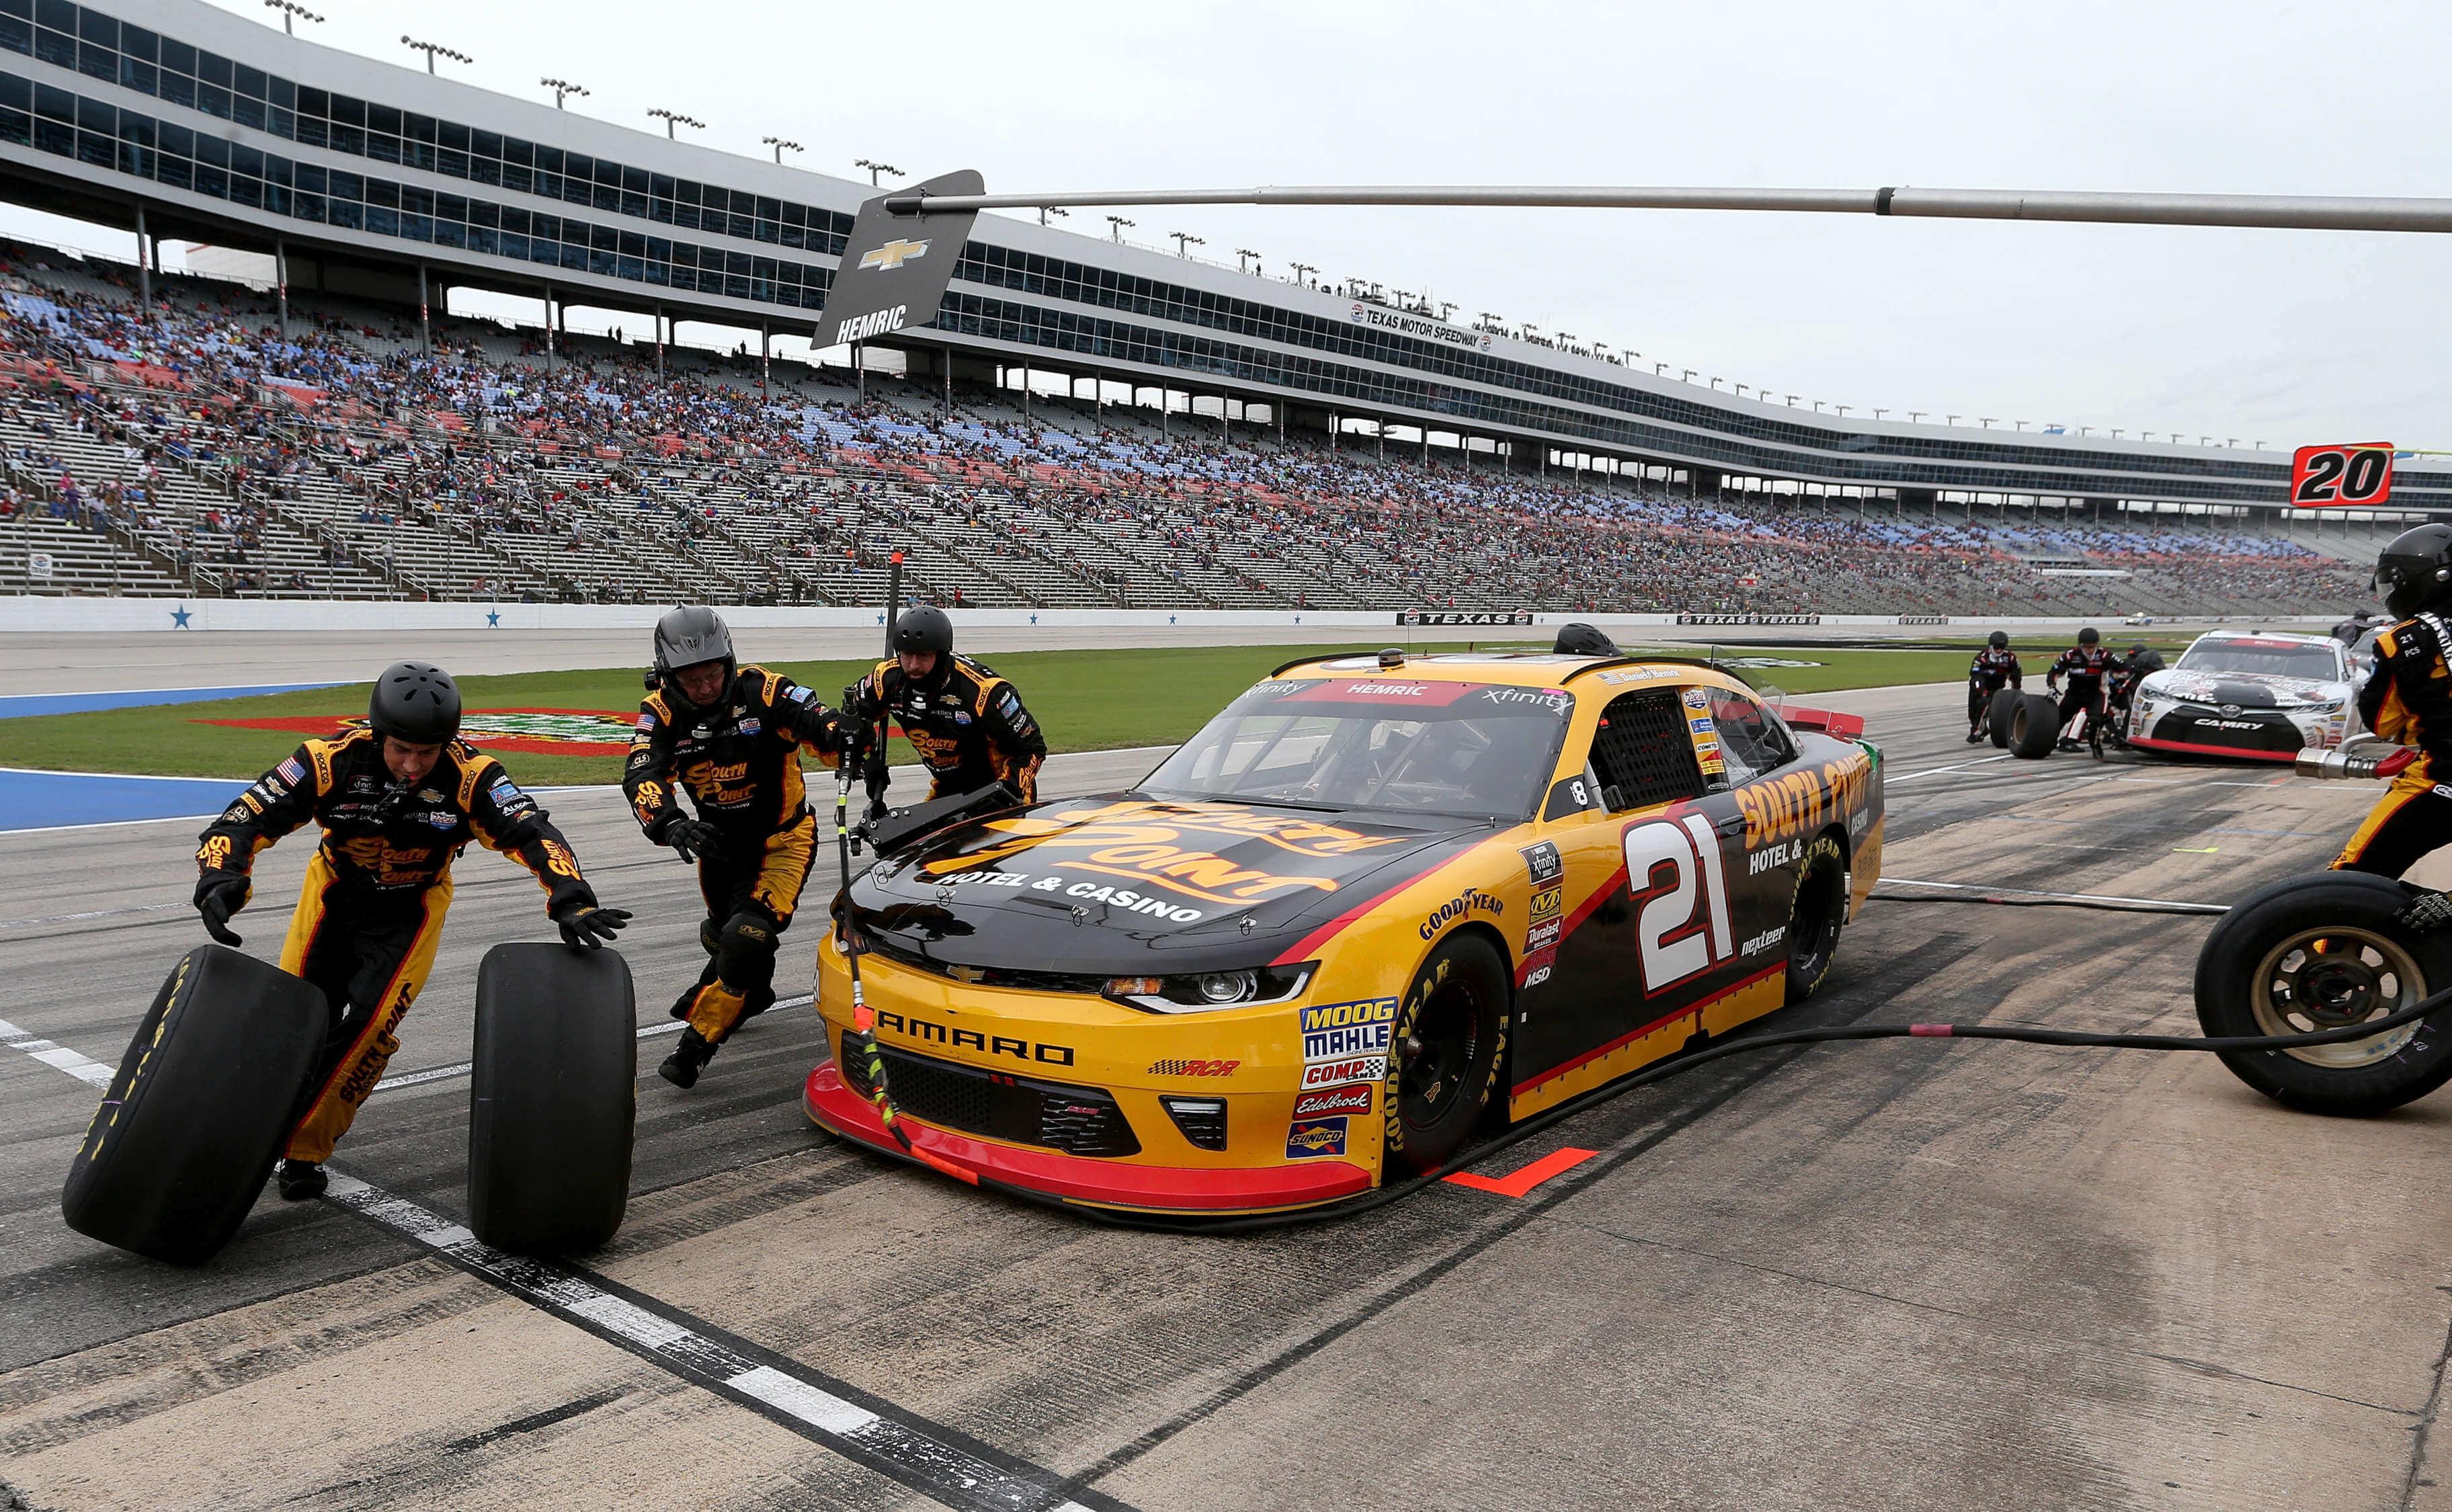 Daniel Hemric - NASCAR Pit Stop